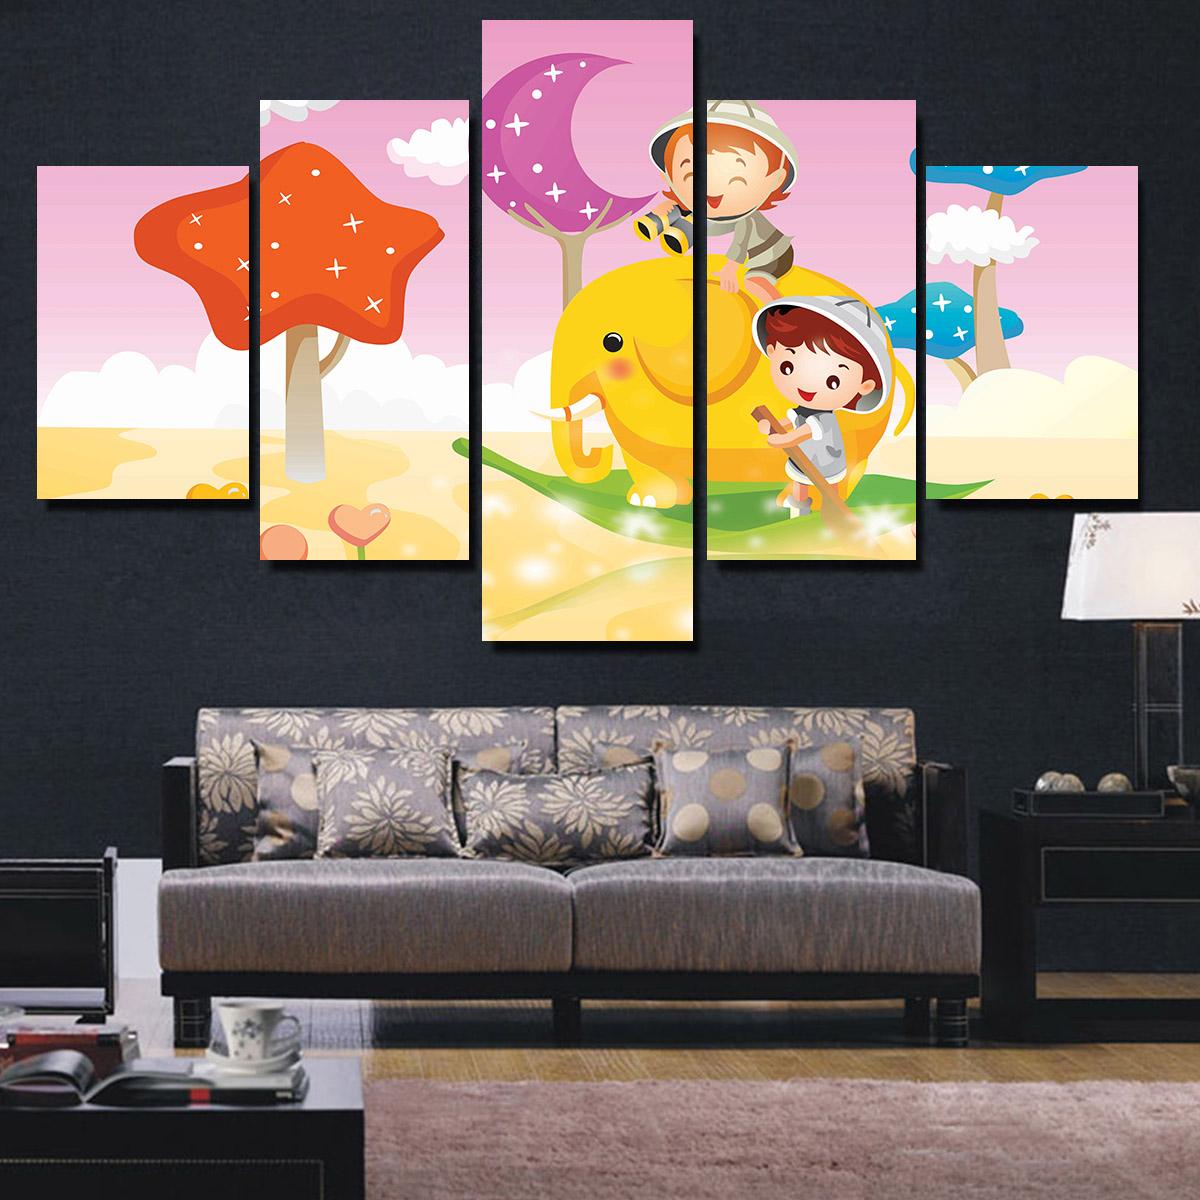 Bộ  tranh Canvas 5 Tấm Hình Chữ Nhật,In Họa Tiết Thieu Nhi, Tre Em vui Choi -Mẫu TNIN248